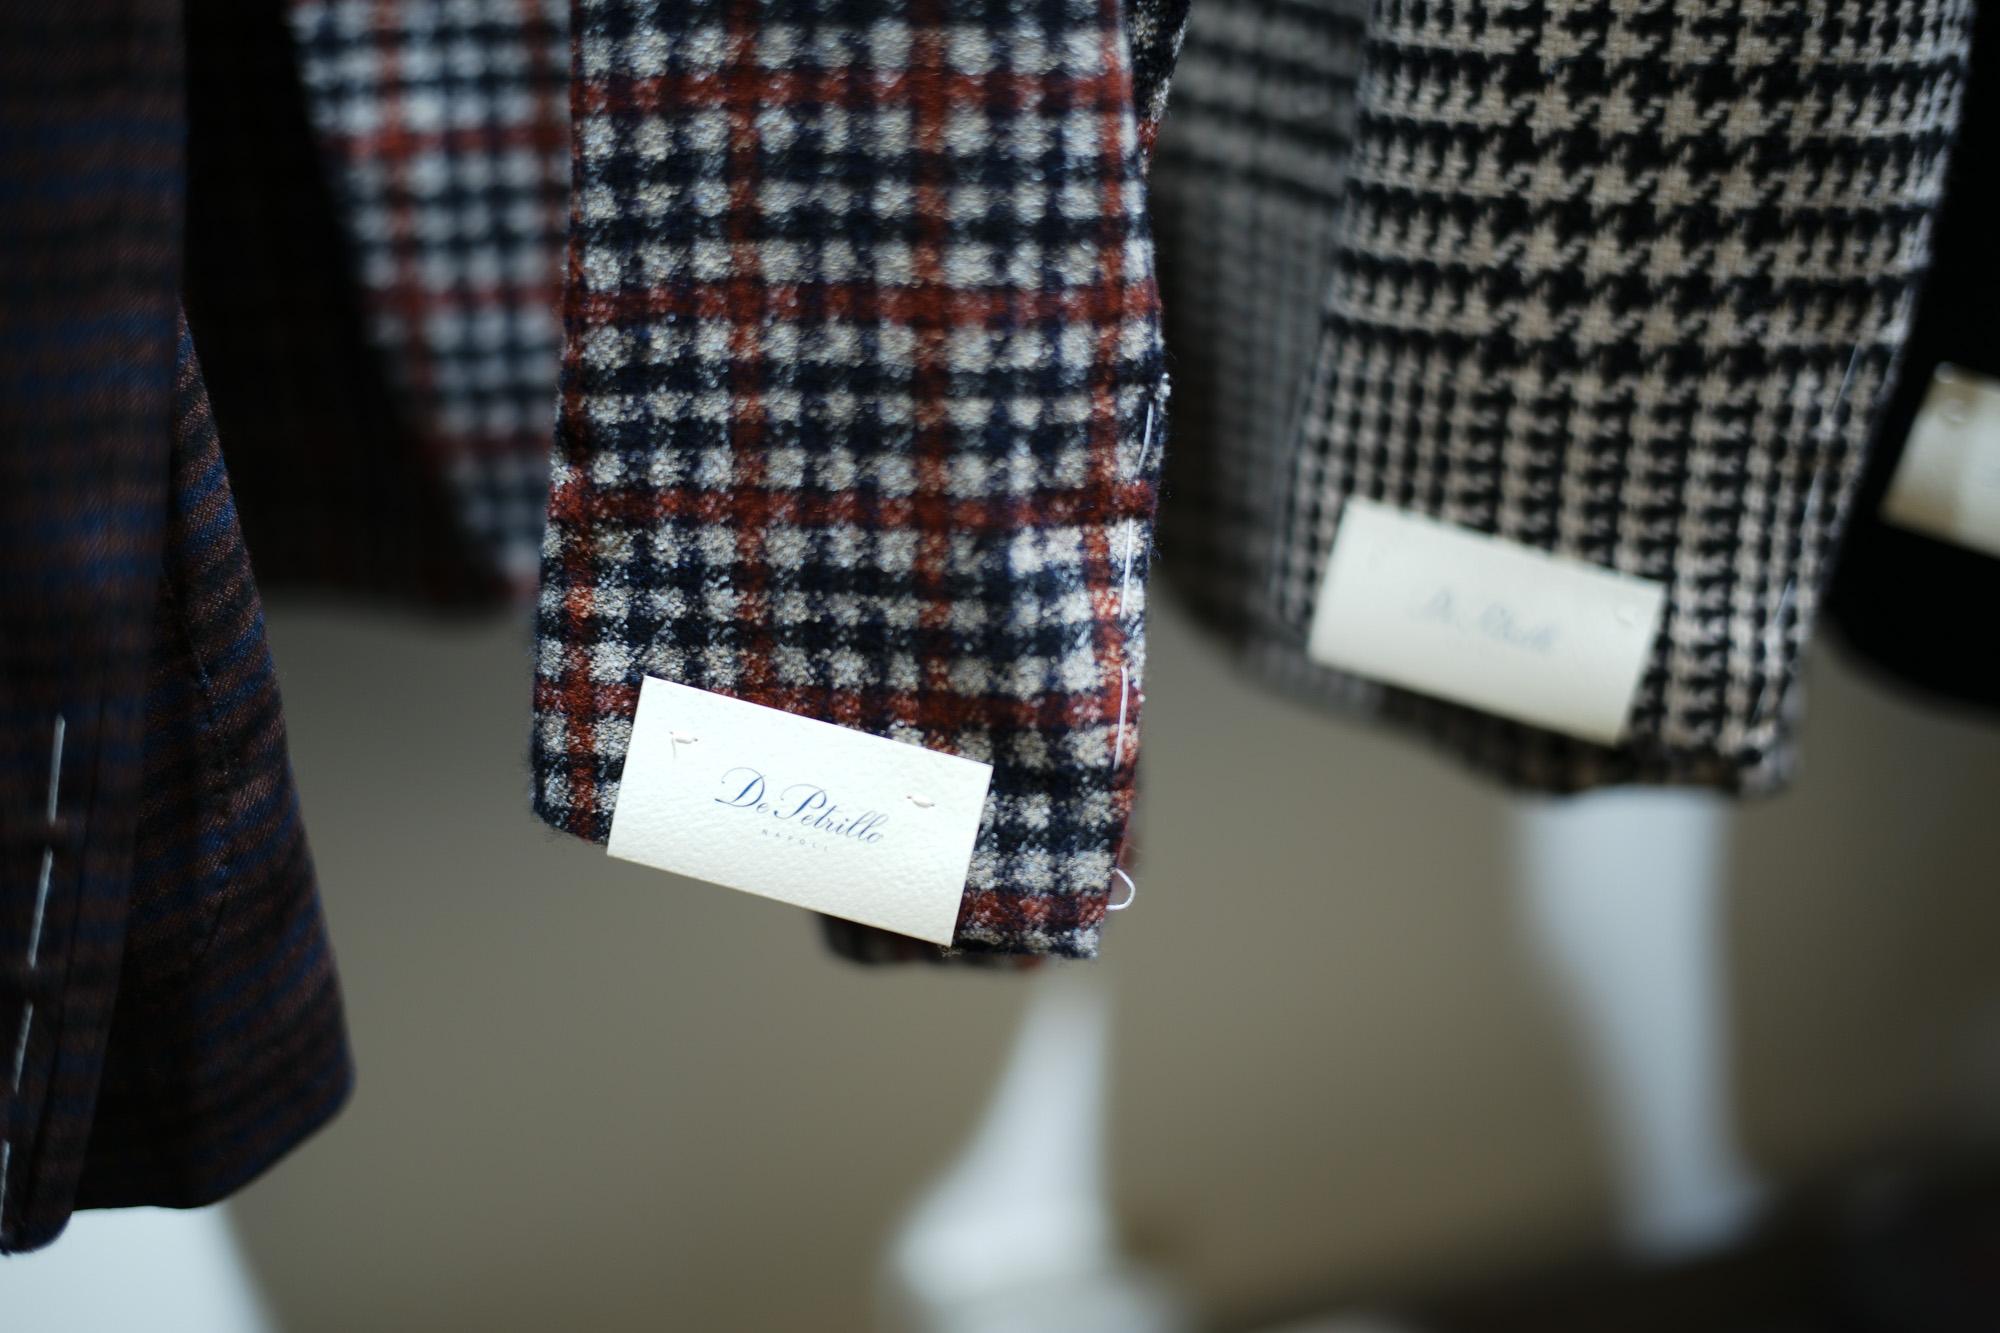 De Petrillo / デ・ペトリロ (2018 秋冬 プレ 展示会) ジャケット ダブル コート スーツ 愛知 名古屋 ZOIDAC ゾディアック コーディネート